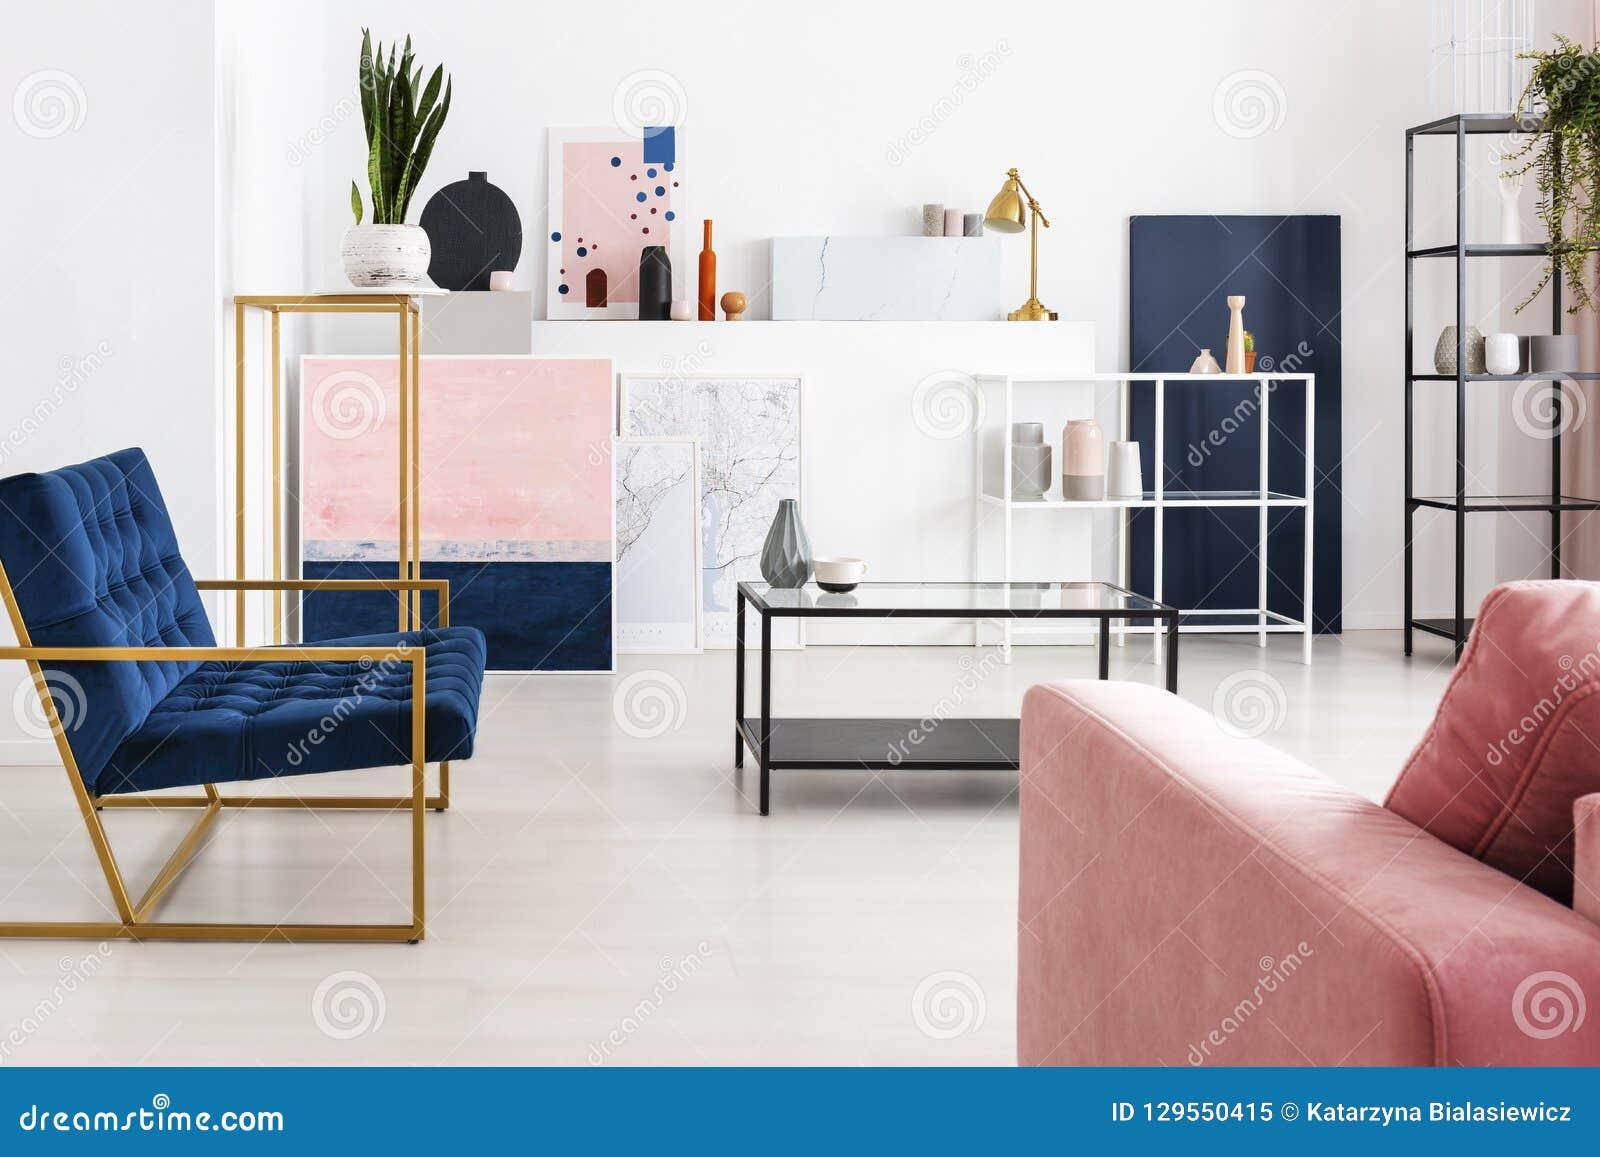 Glass Tables For Living Room Modern House